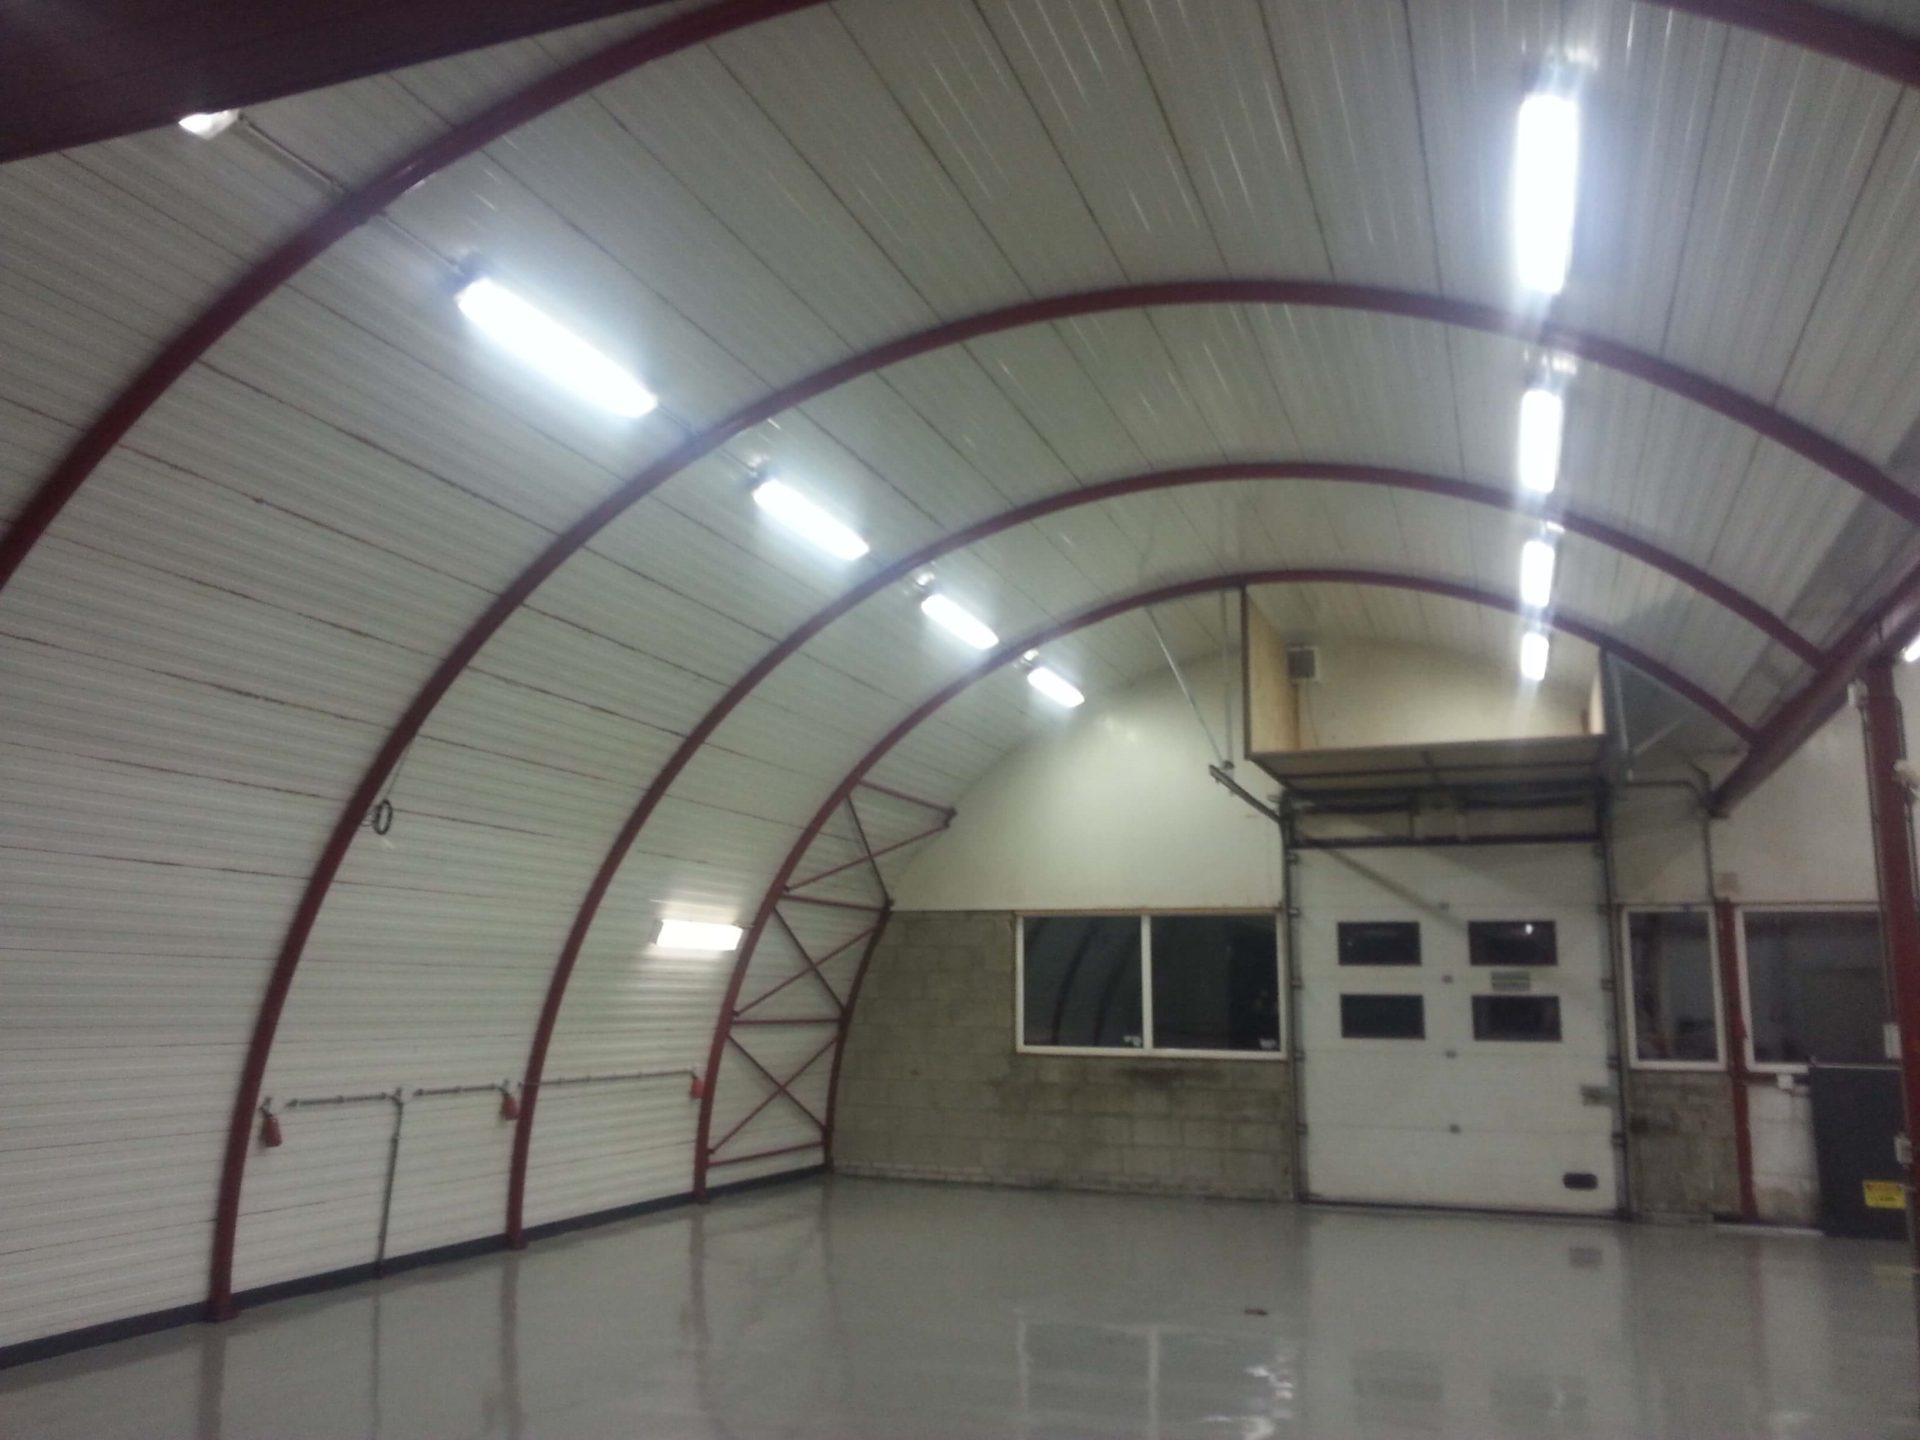 plafond bedrijfshal reinigen roveq schoonmaakproducten